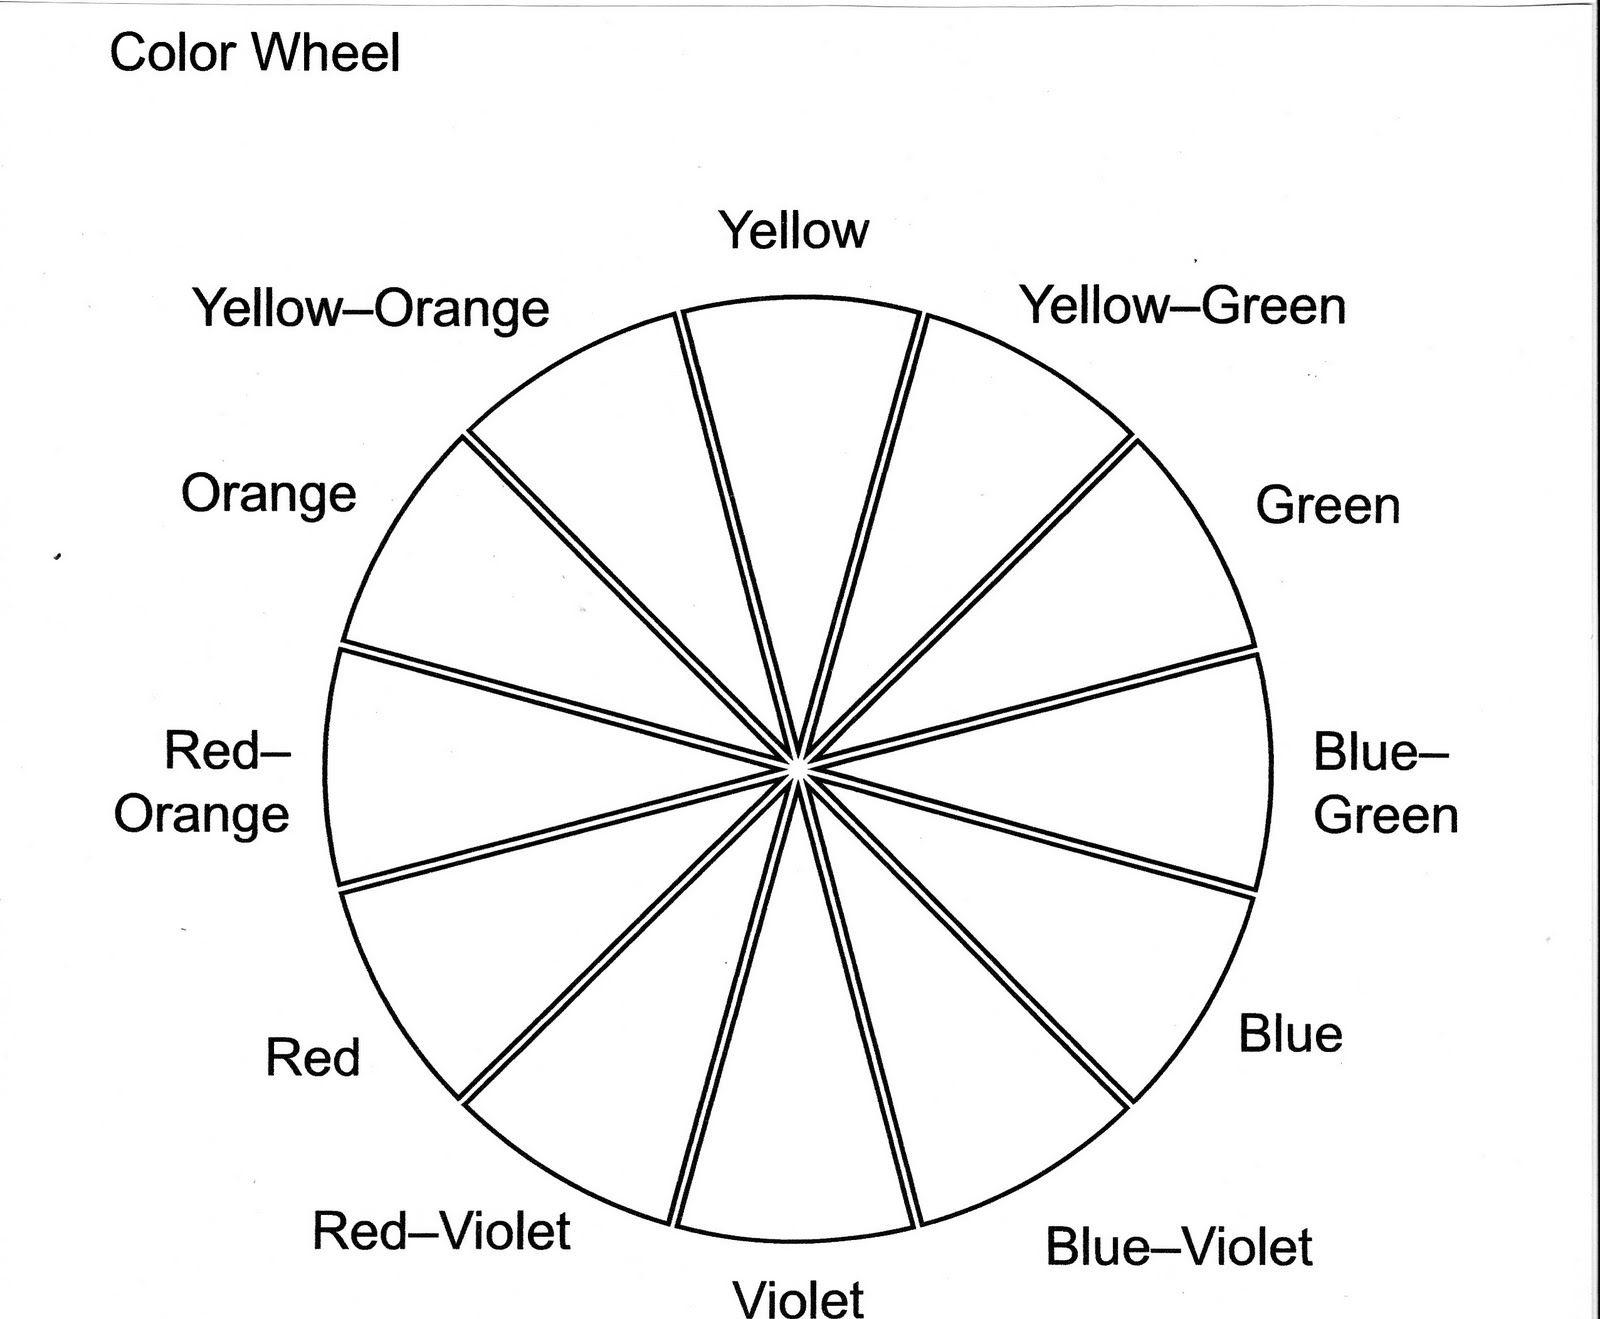 Color Wheel Worksheet Printable | Life Skills In 2019 | Color Wheel | Printable Color Wheel Worksheet